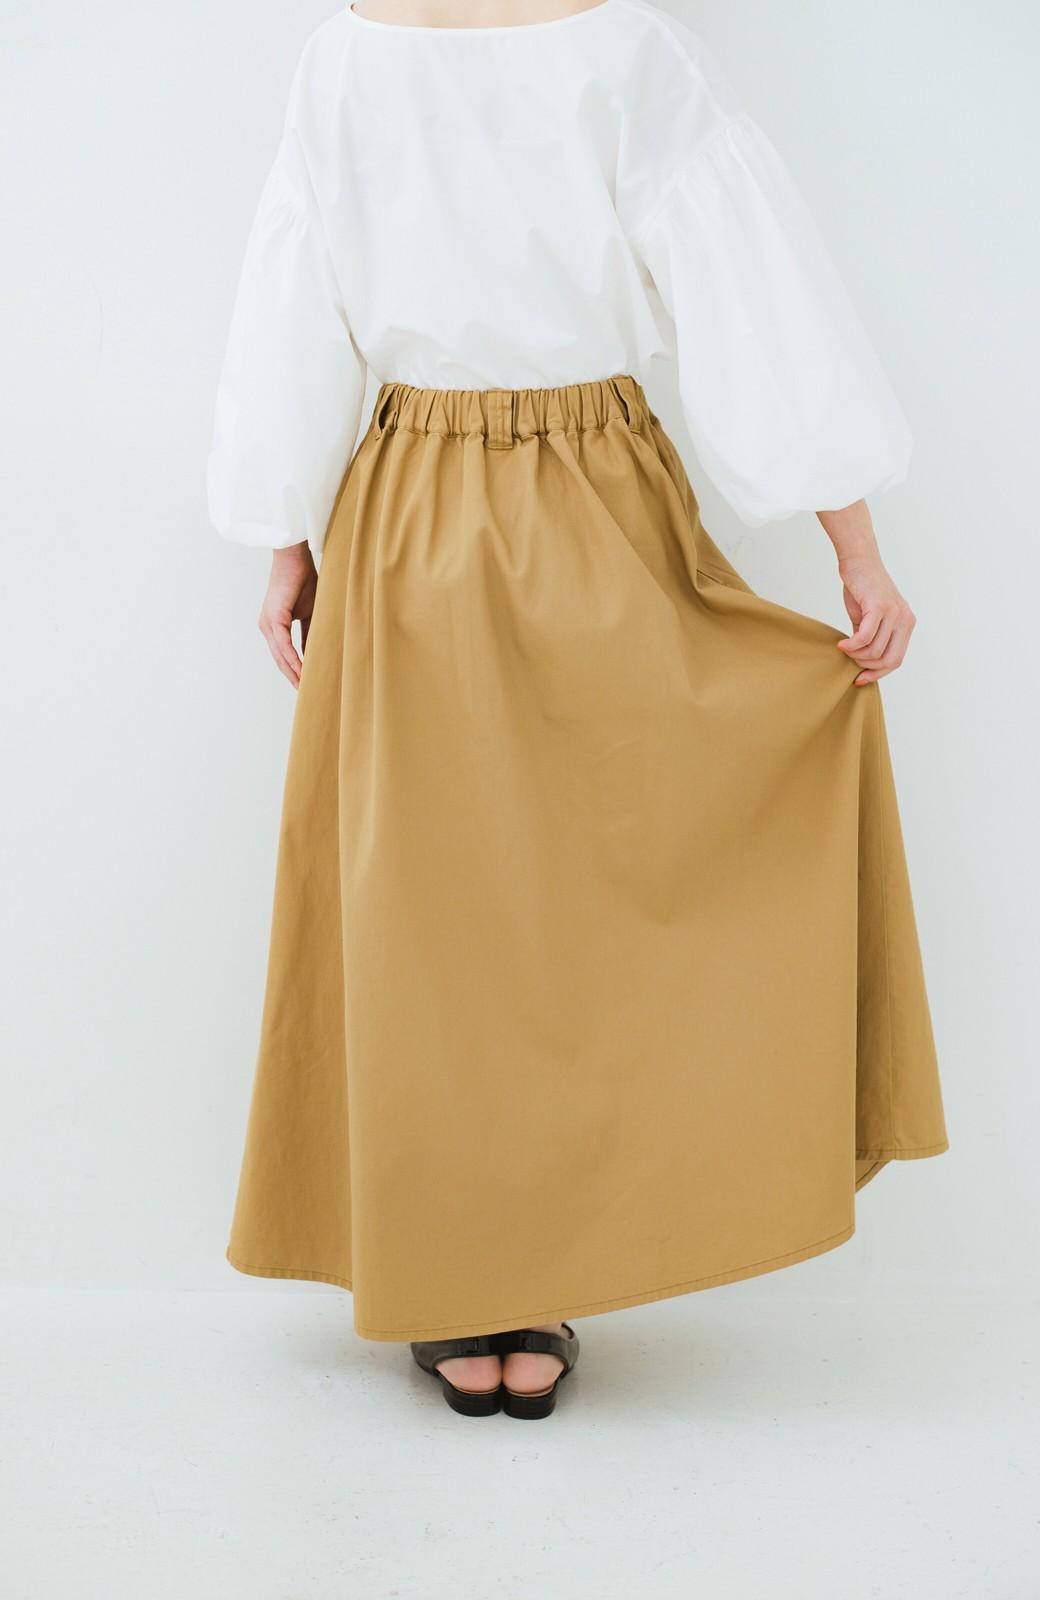 haco! ロングシーズン楽しめる タックボリュームのチノロングスカート <ベージュ>の商品写真5